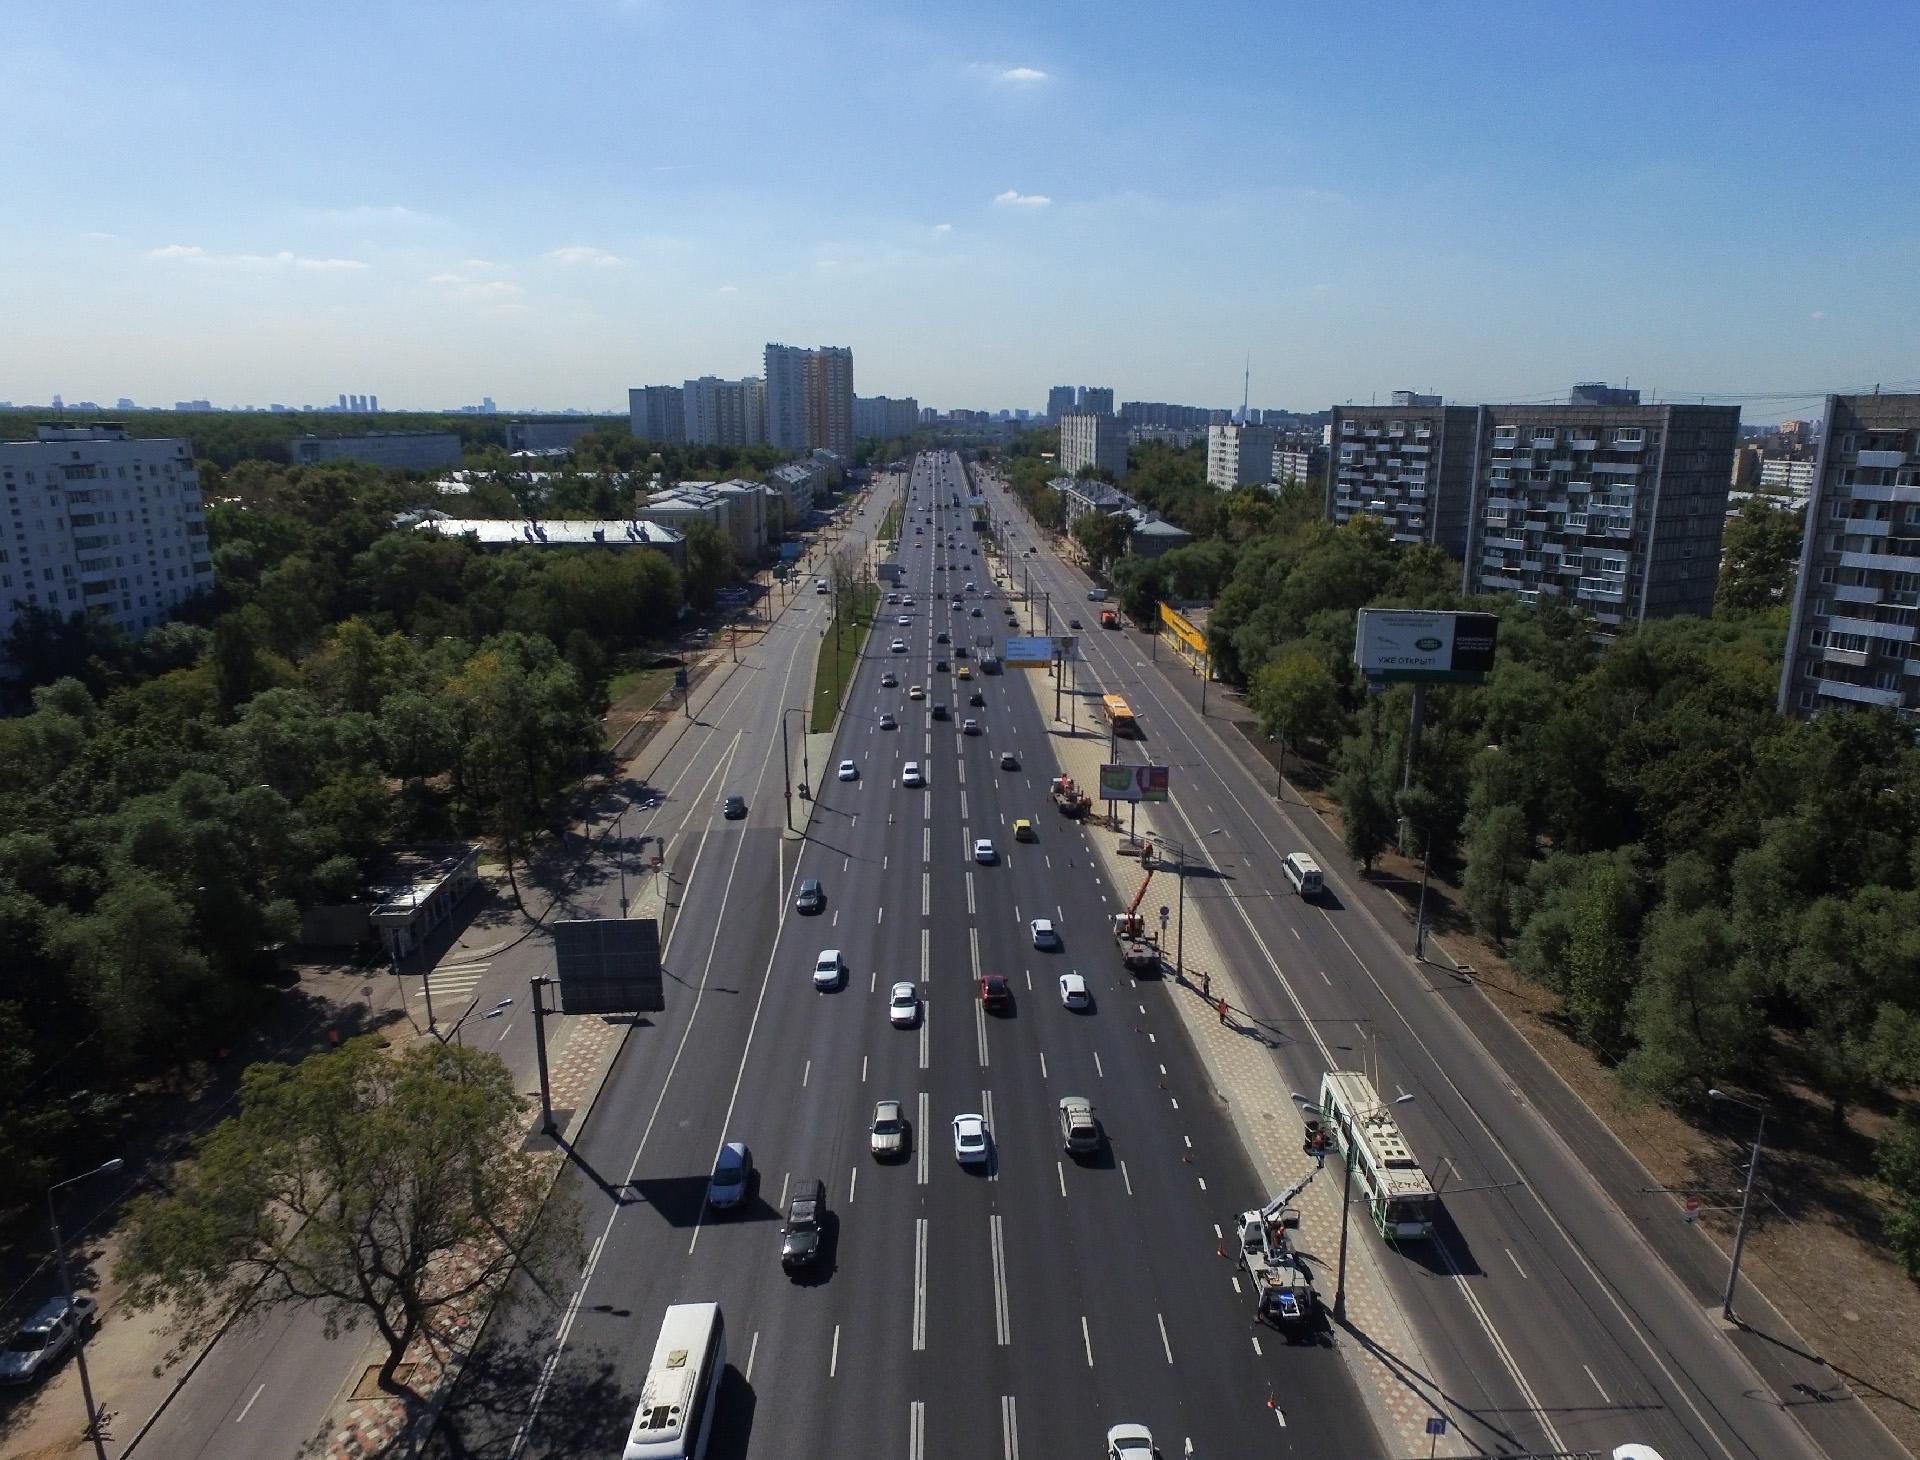 Доме юного техника ярославское шоссе трусы одноразовые стринги купить